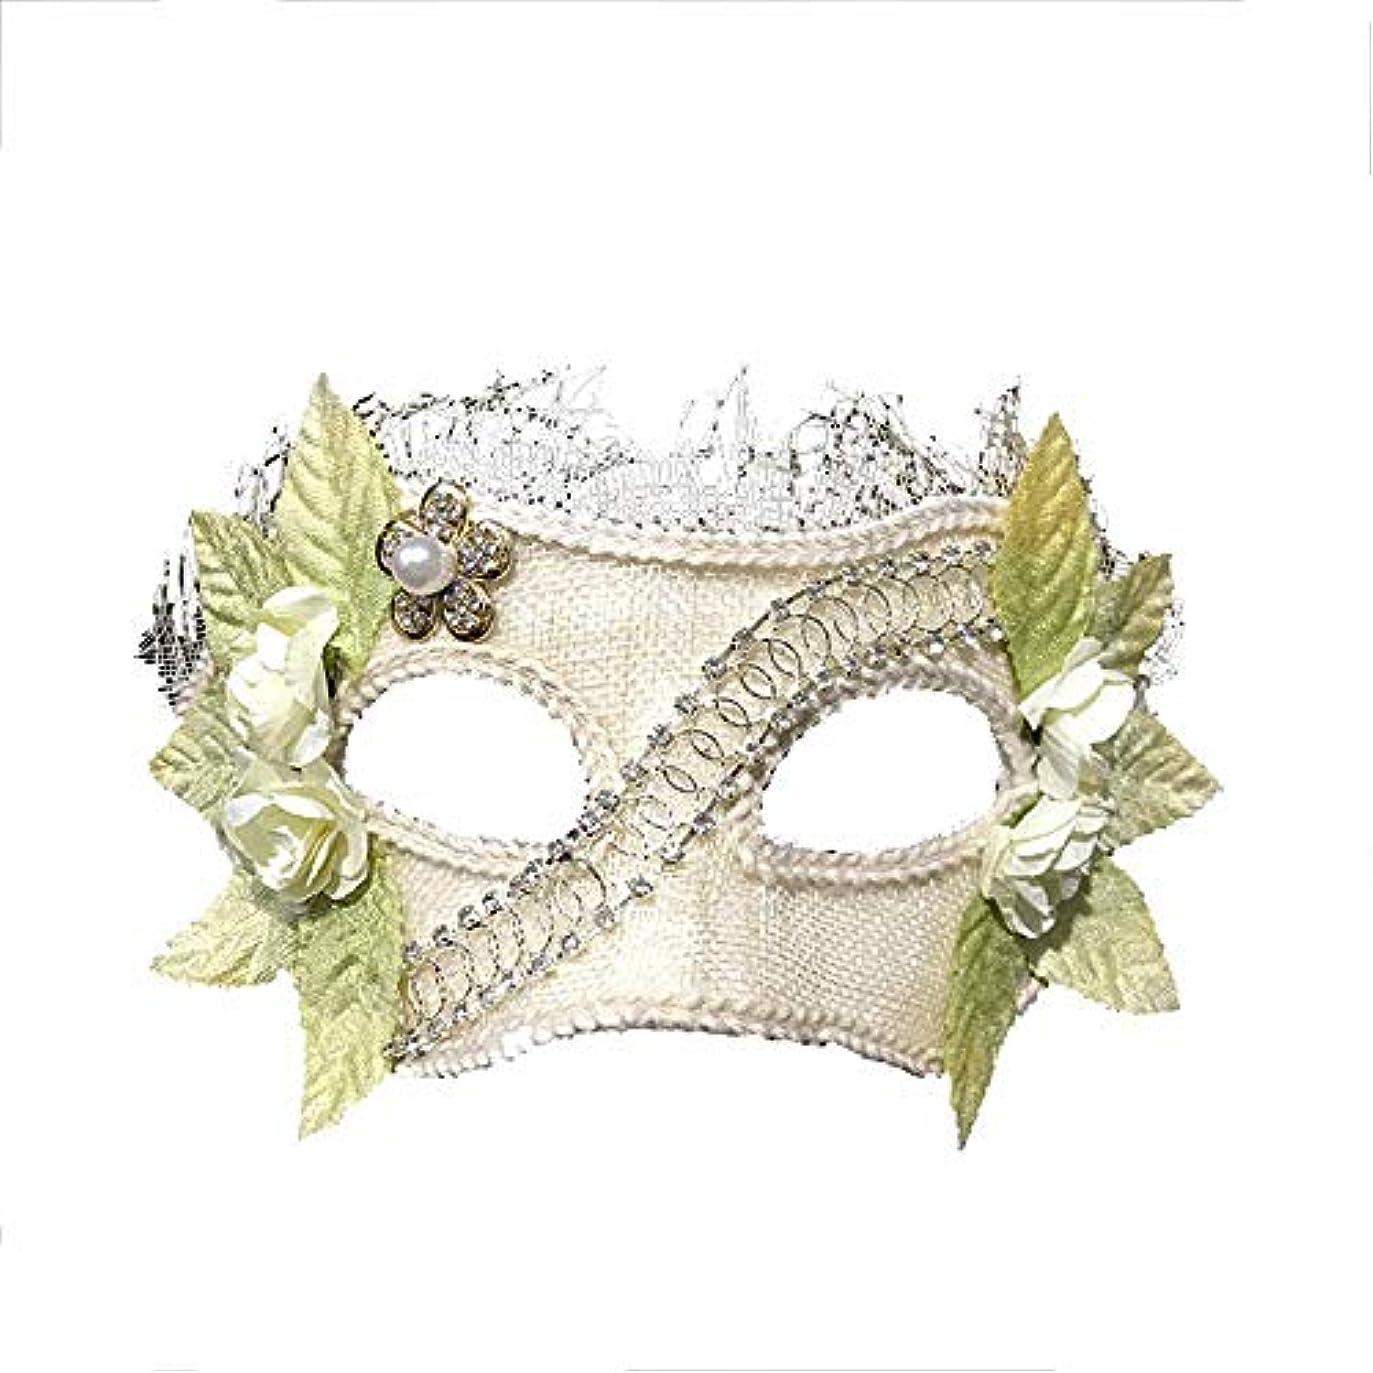 バイオリニスト大邸宅ランクNanle ハロウィンクリスマスフラワーフェザービーズマスク仮装マスクレディミスプリンセス美容祭パーティーデコレーションマスク (色 : Style A)